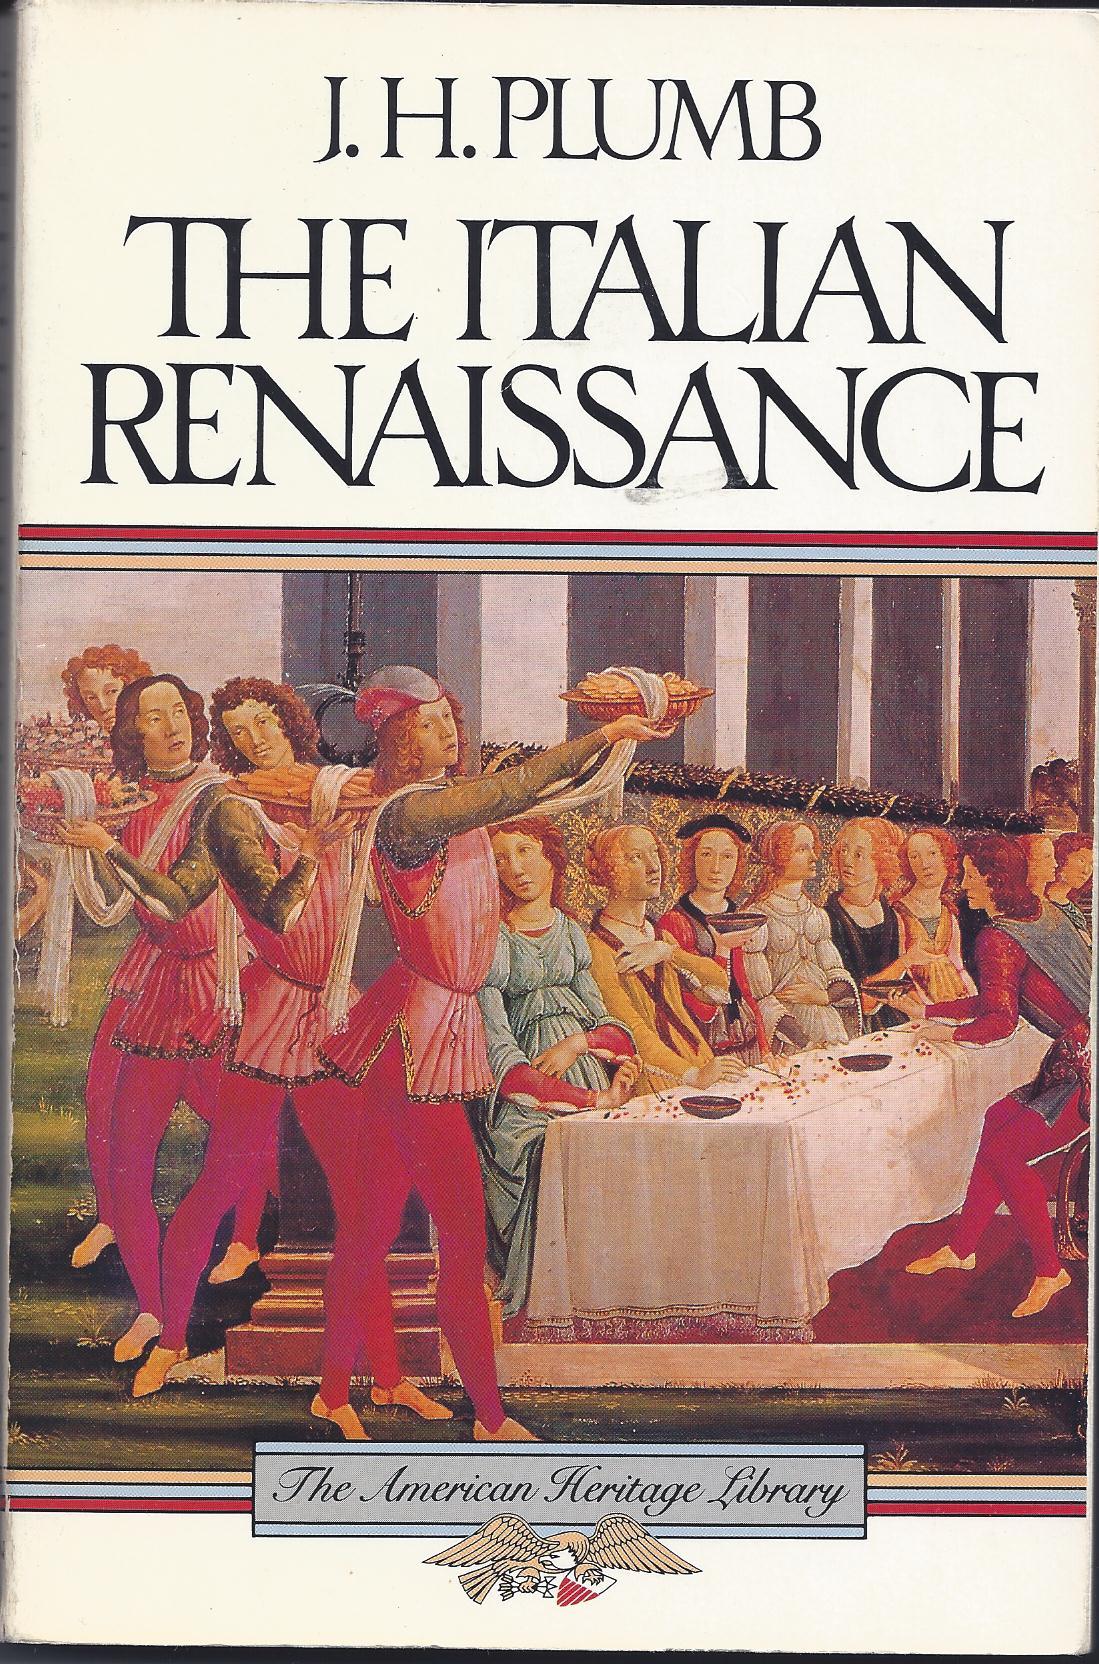 Renessaunce R.H.Plumb